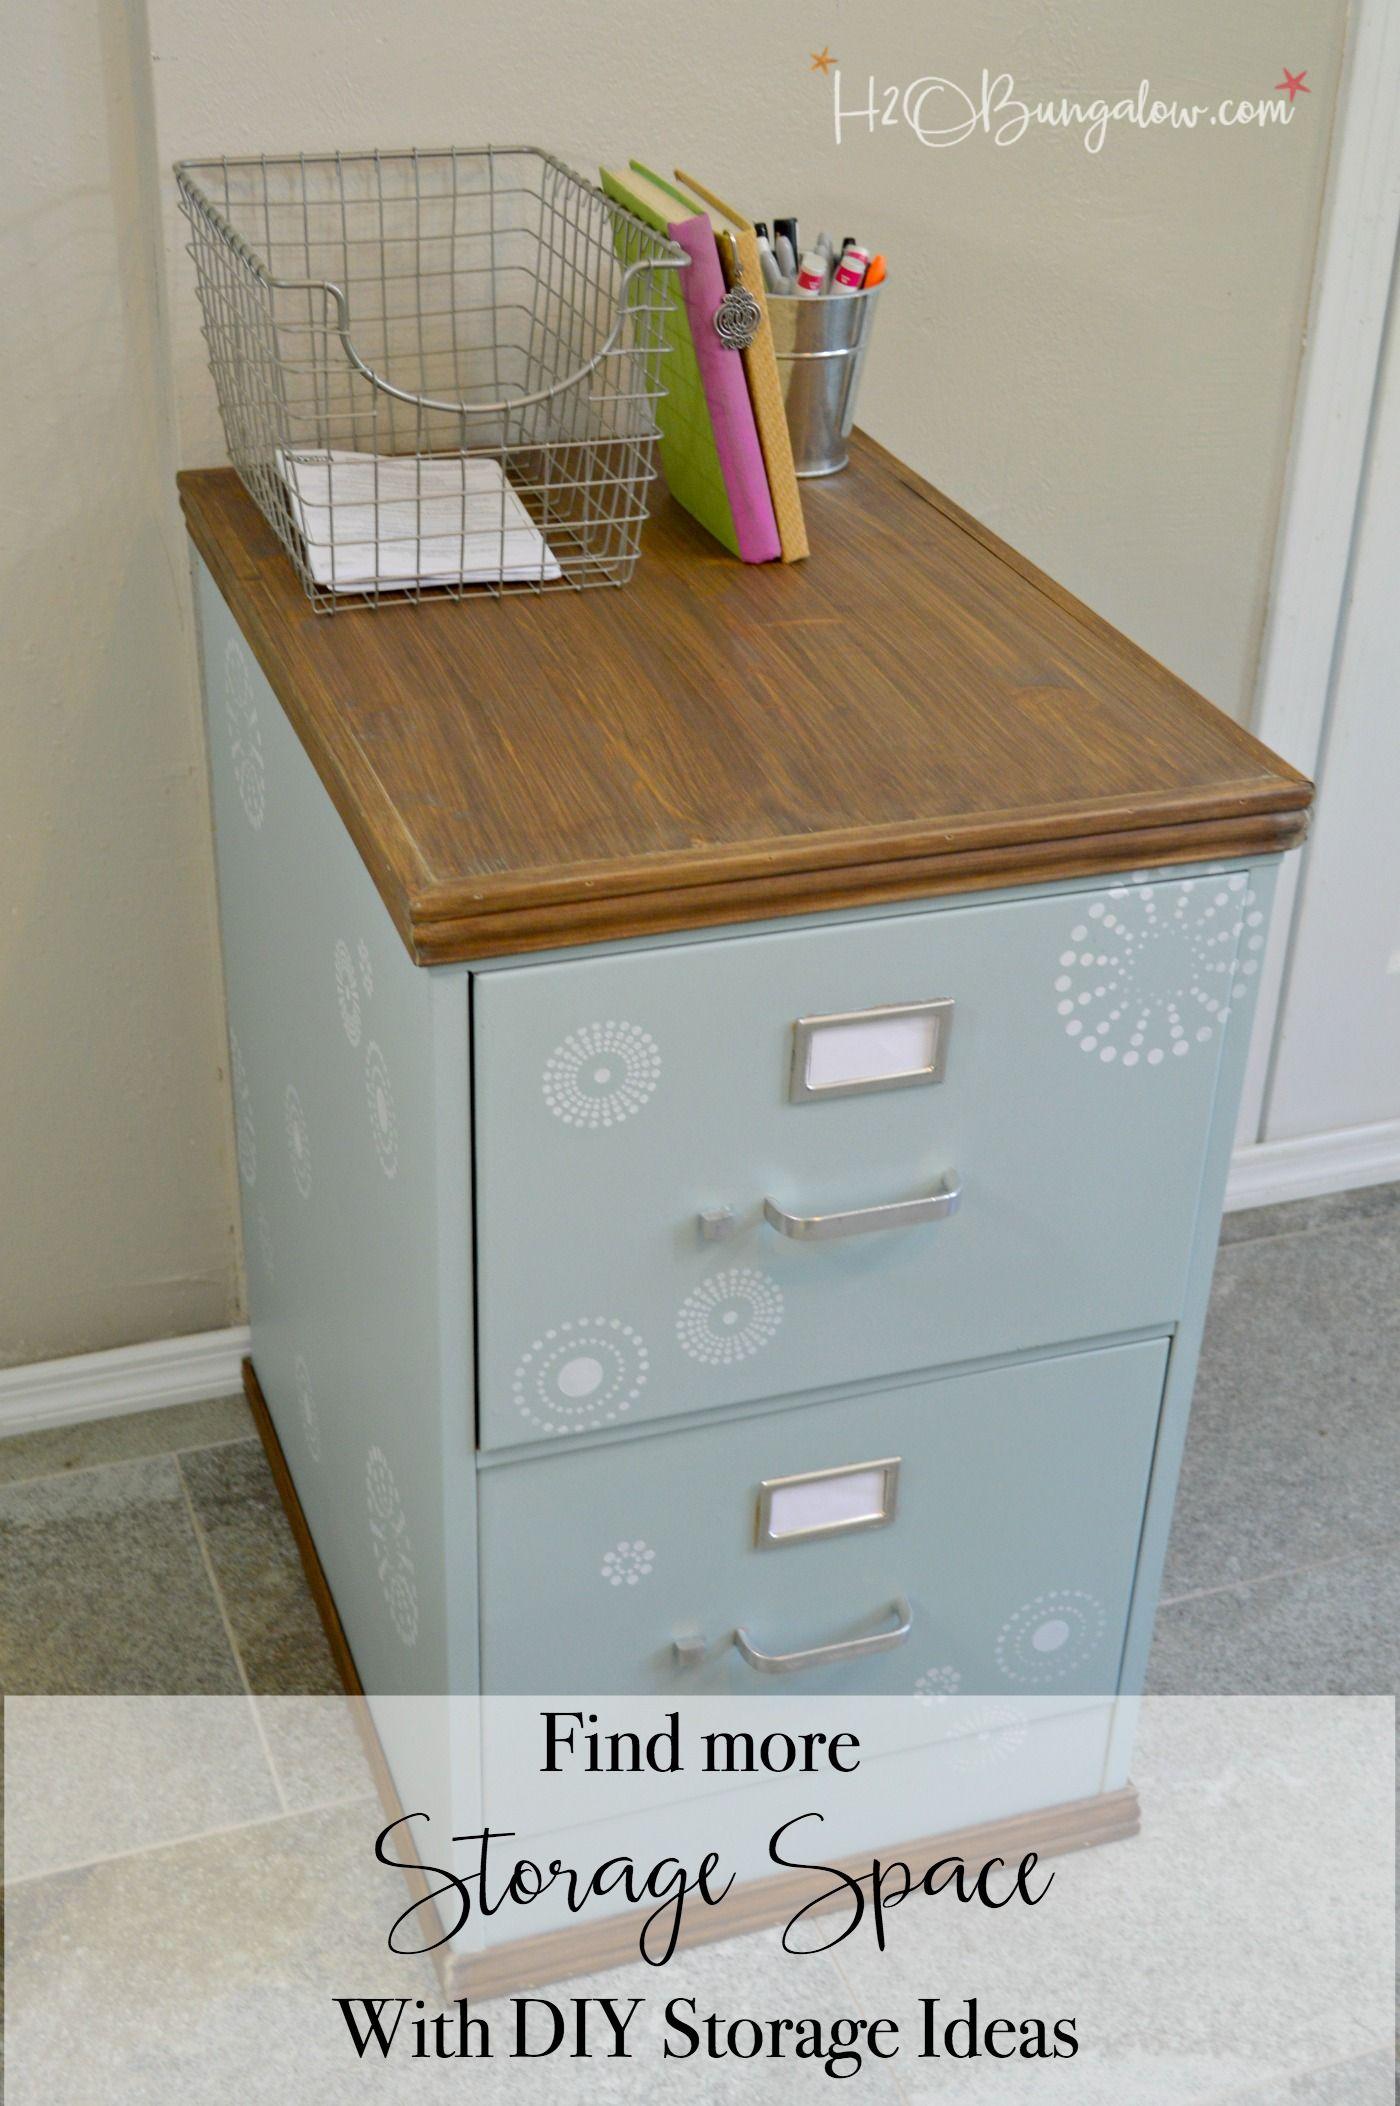 Find More Storage Space with DIY Storage Ideas | DIY storage, Closet ...